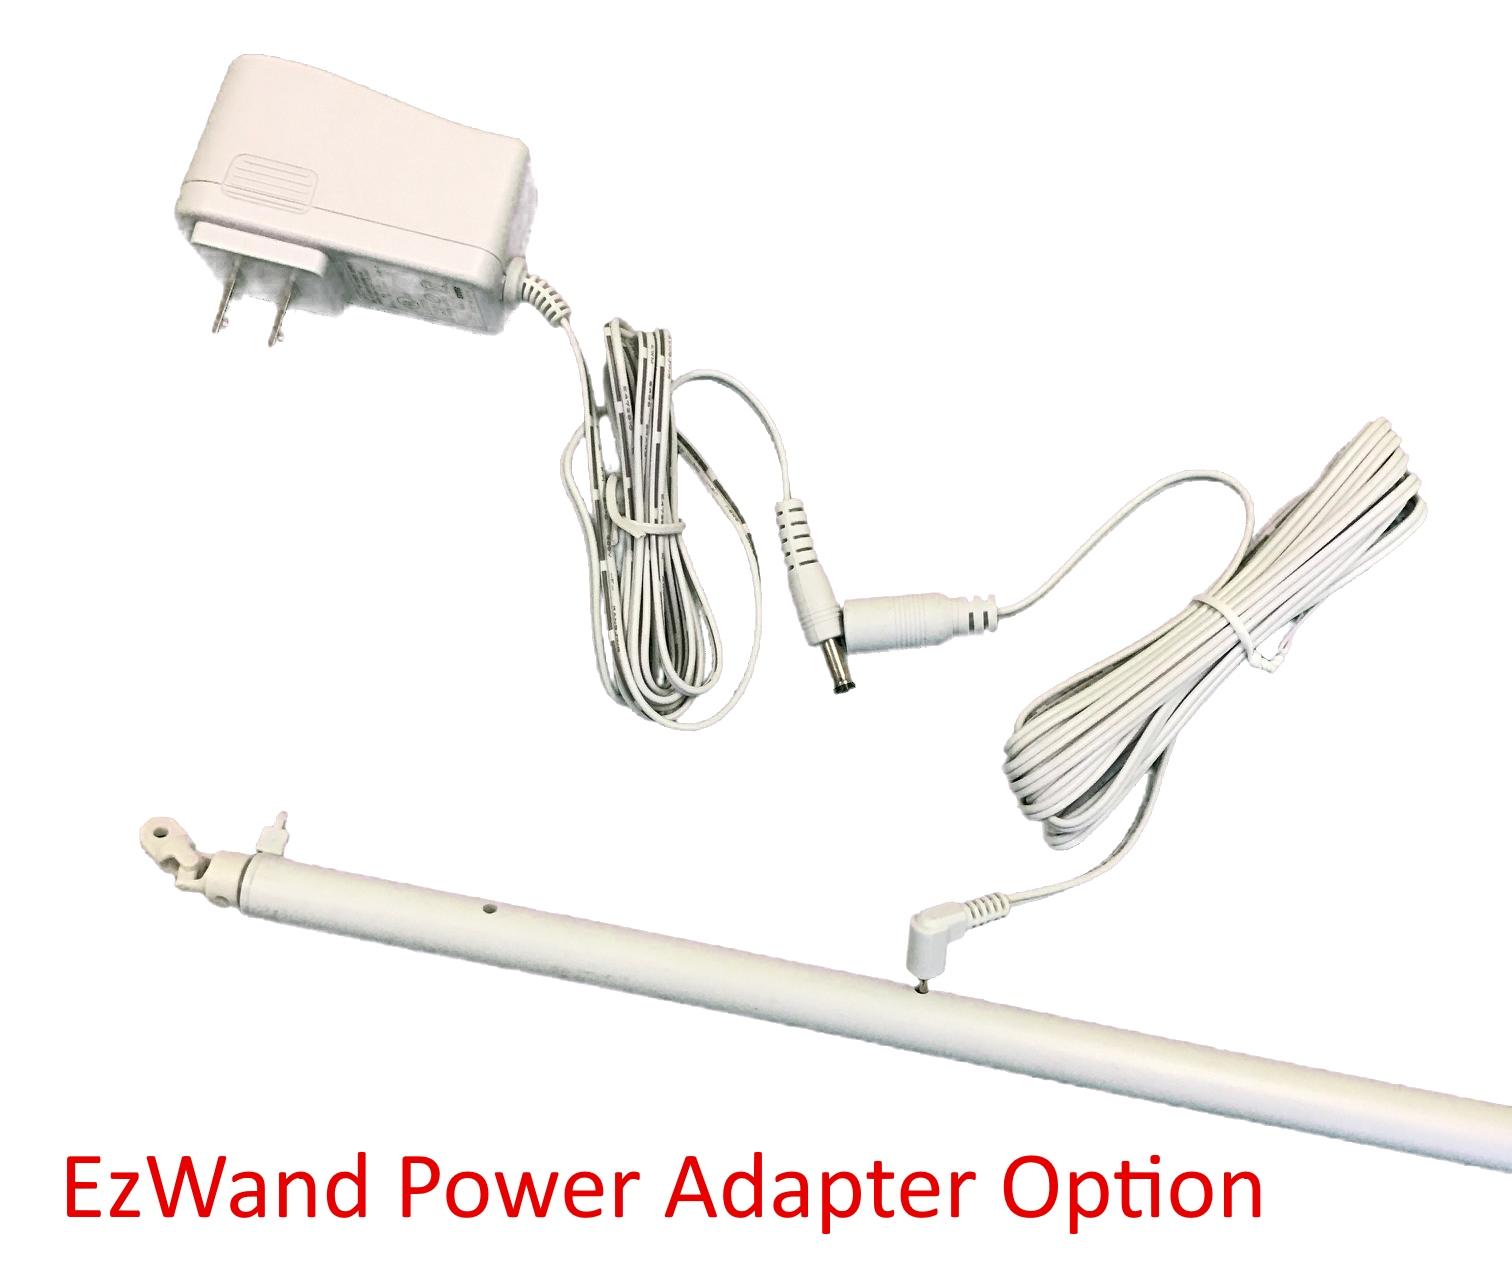 ezwand-power-adapter-option2.jpg